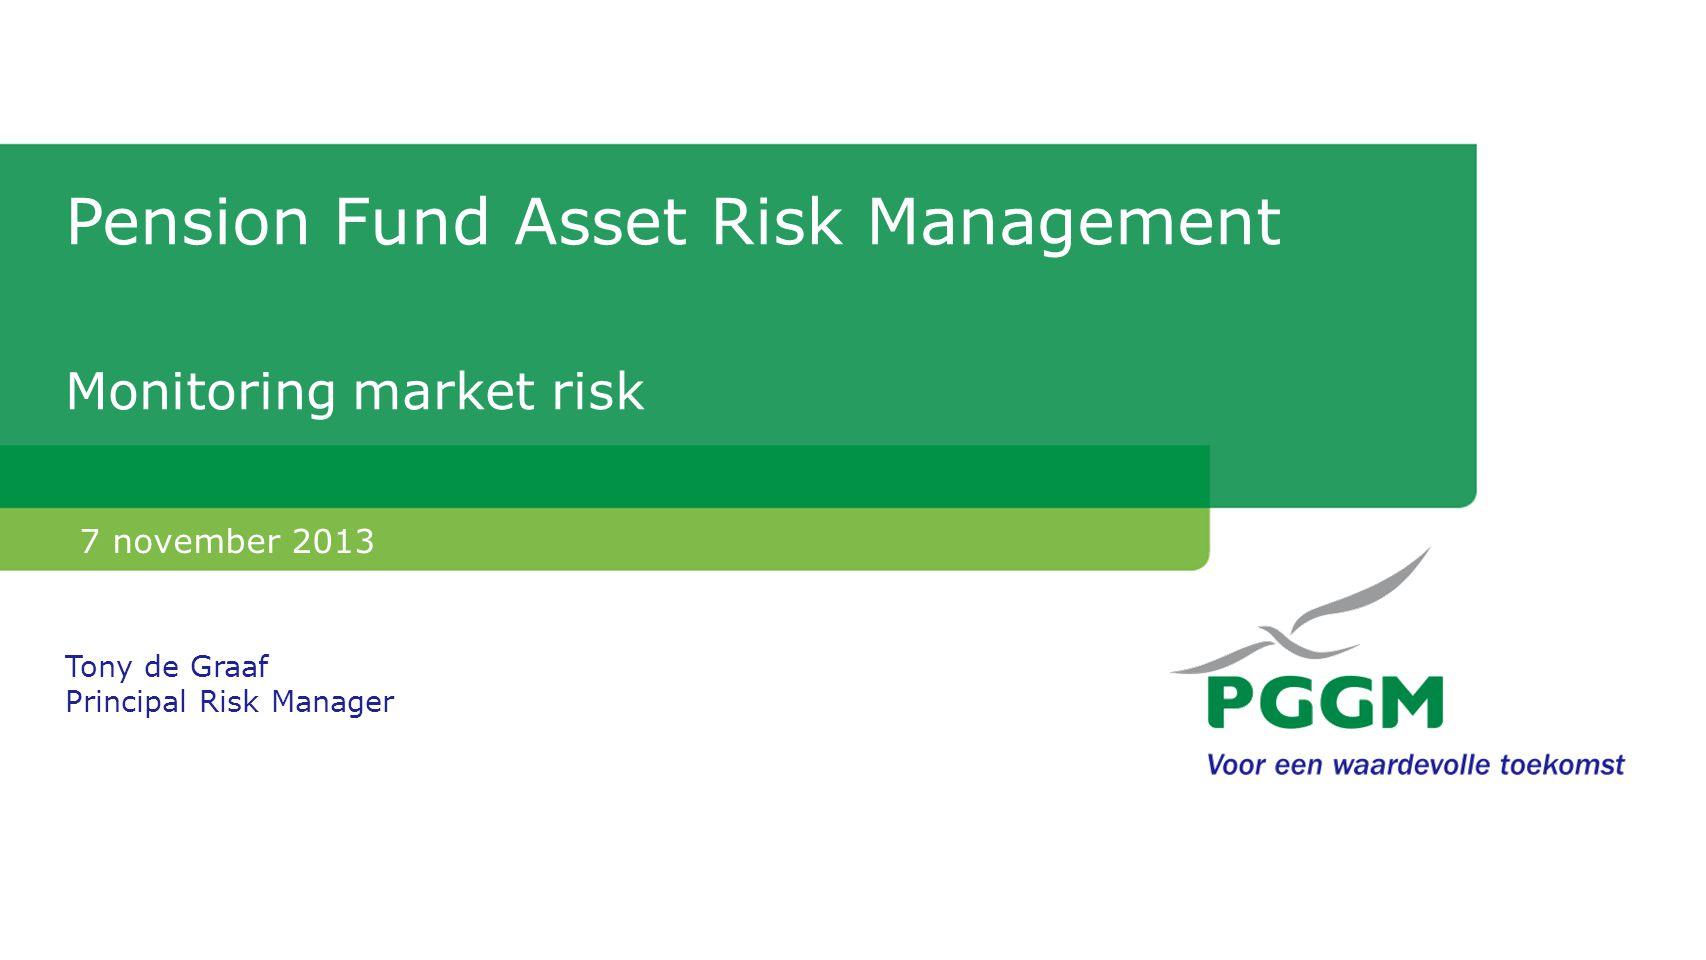 Pension Fund Asset Risk Management Monitoring market risk 7 november 2013 Tony de Graaf Principal Risk Manager